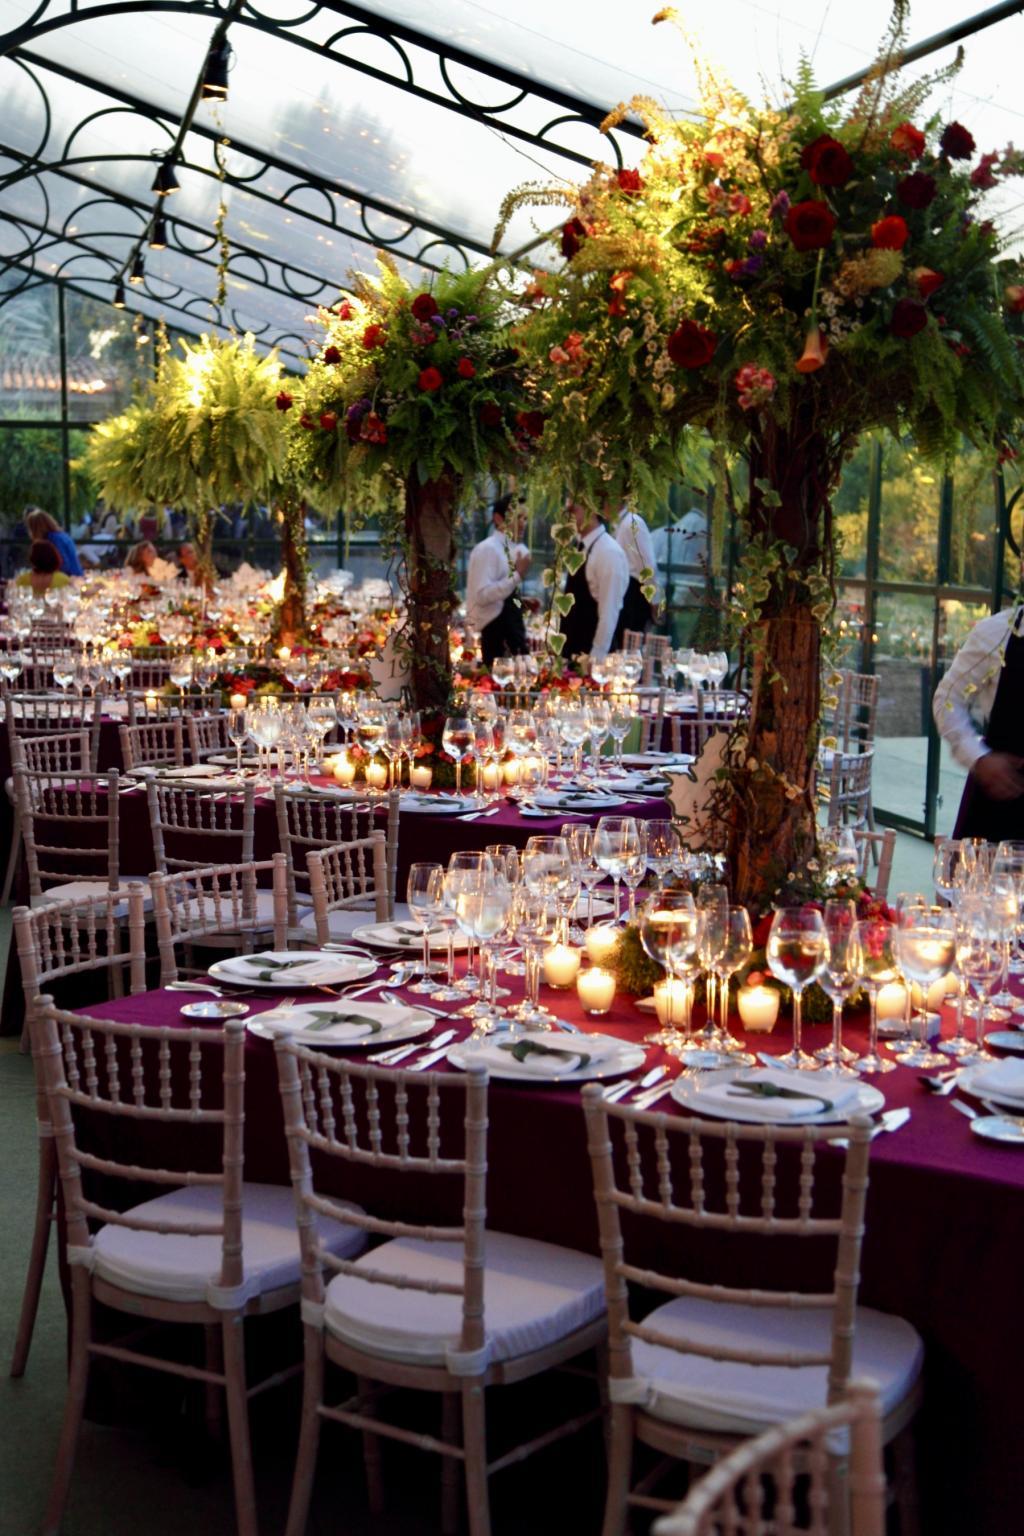 G&I Athens wedding - Image 22